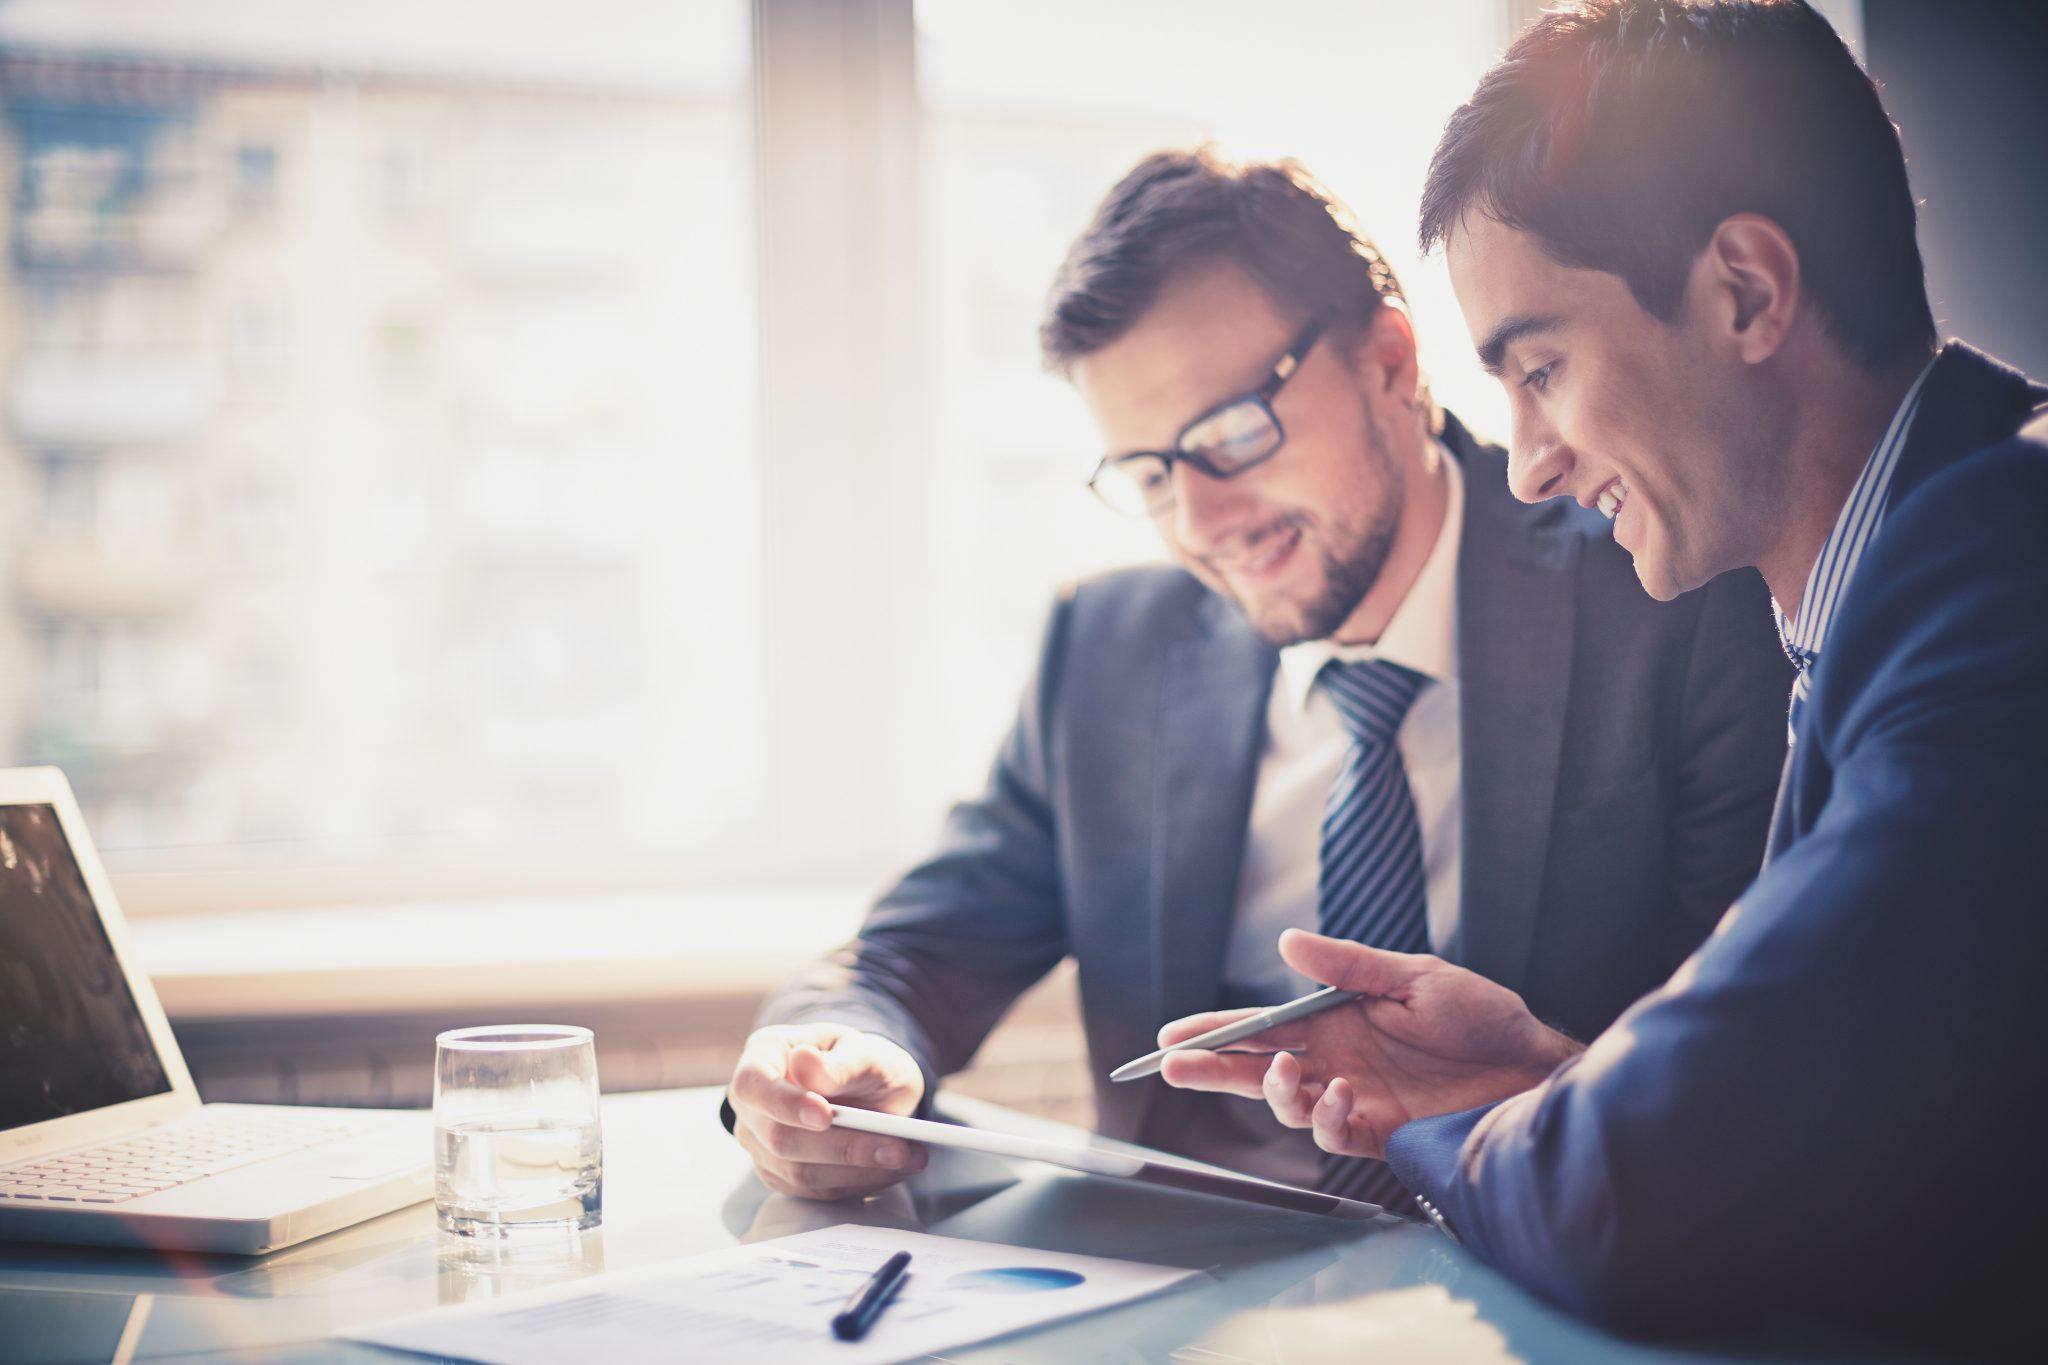 Business Incubation Startup - Khởi nghiệp kinh doanh online cần chuẩn bị những gì?